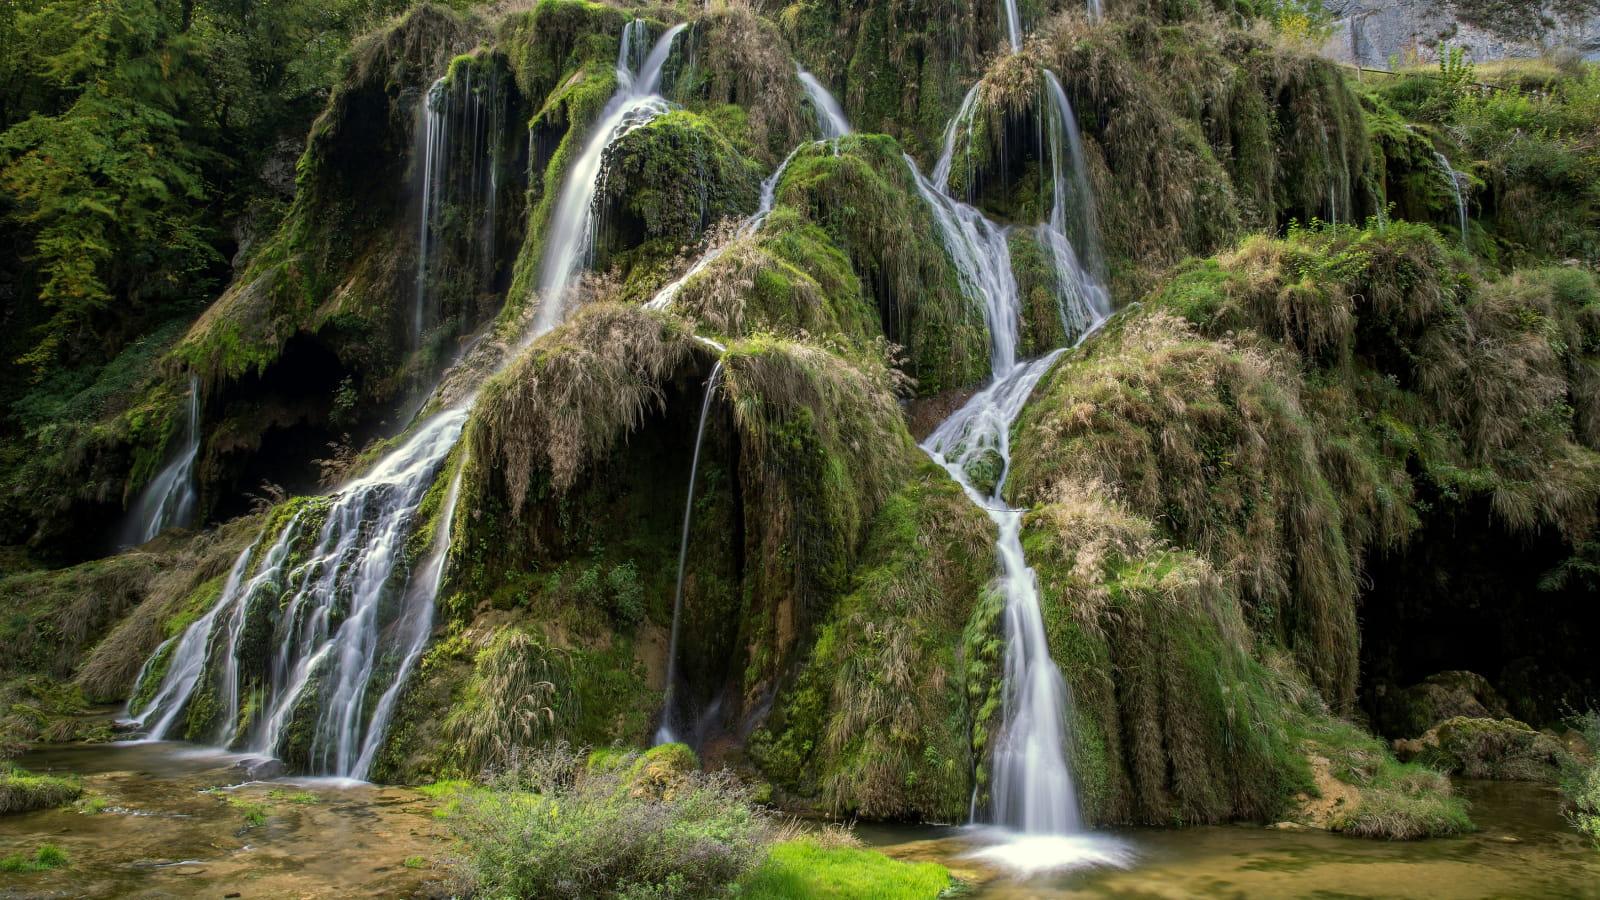 Cascades des tufs à Baume-les-Messieurs